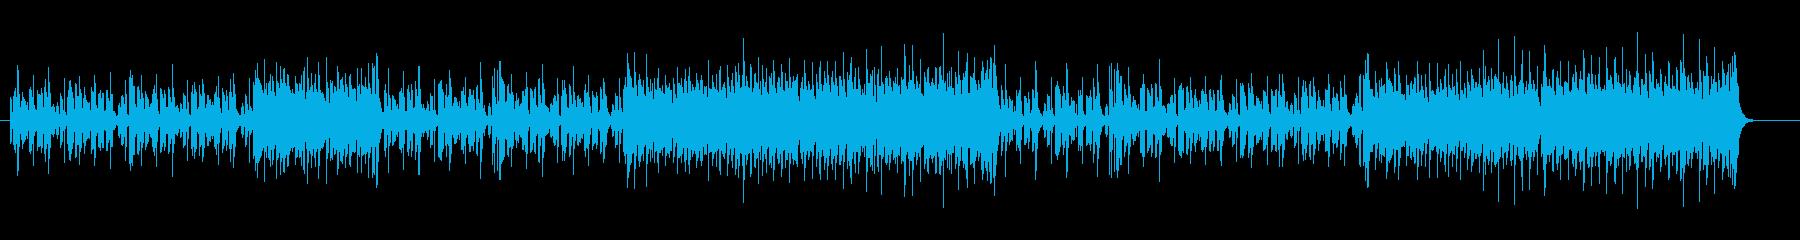 小粋なポップ・メロディーの再生済みの波形